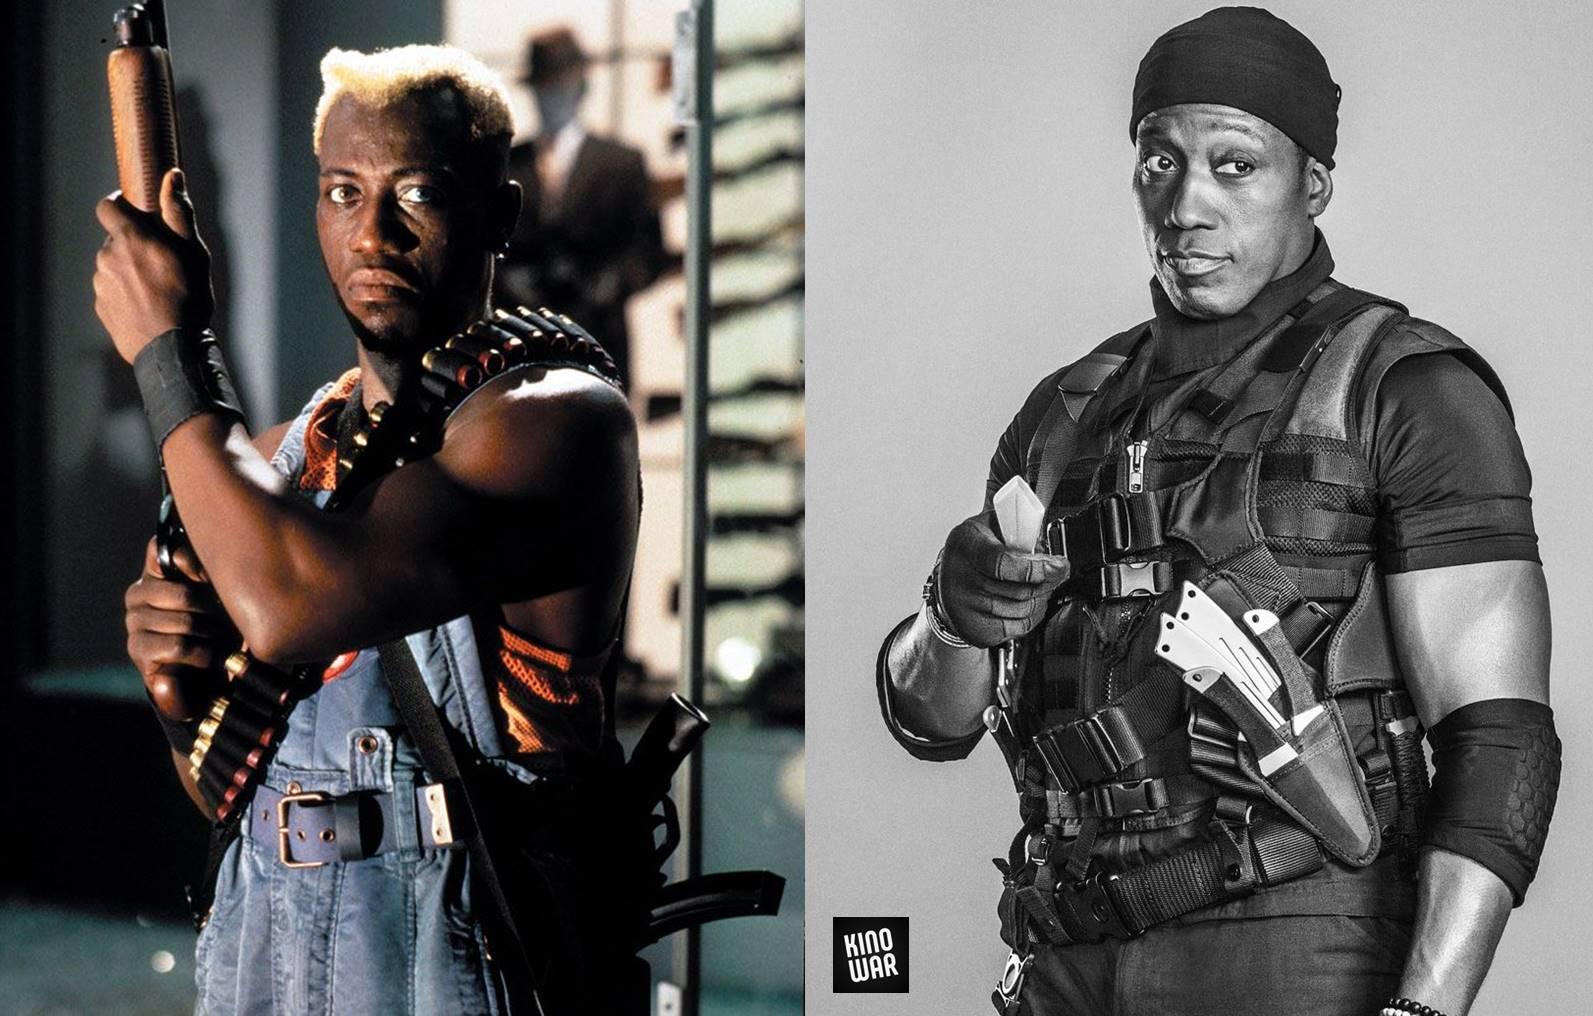 Герои боевиков 80-х 90-х тогда и сейчас Уэсли Снайпс